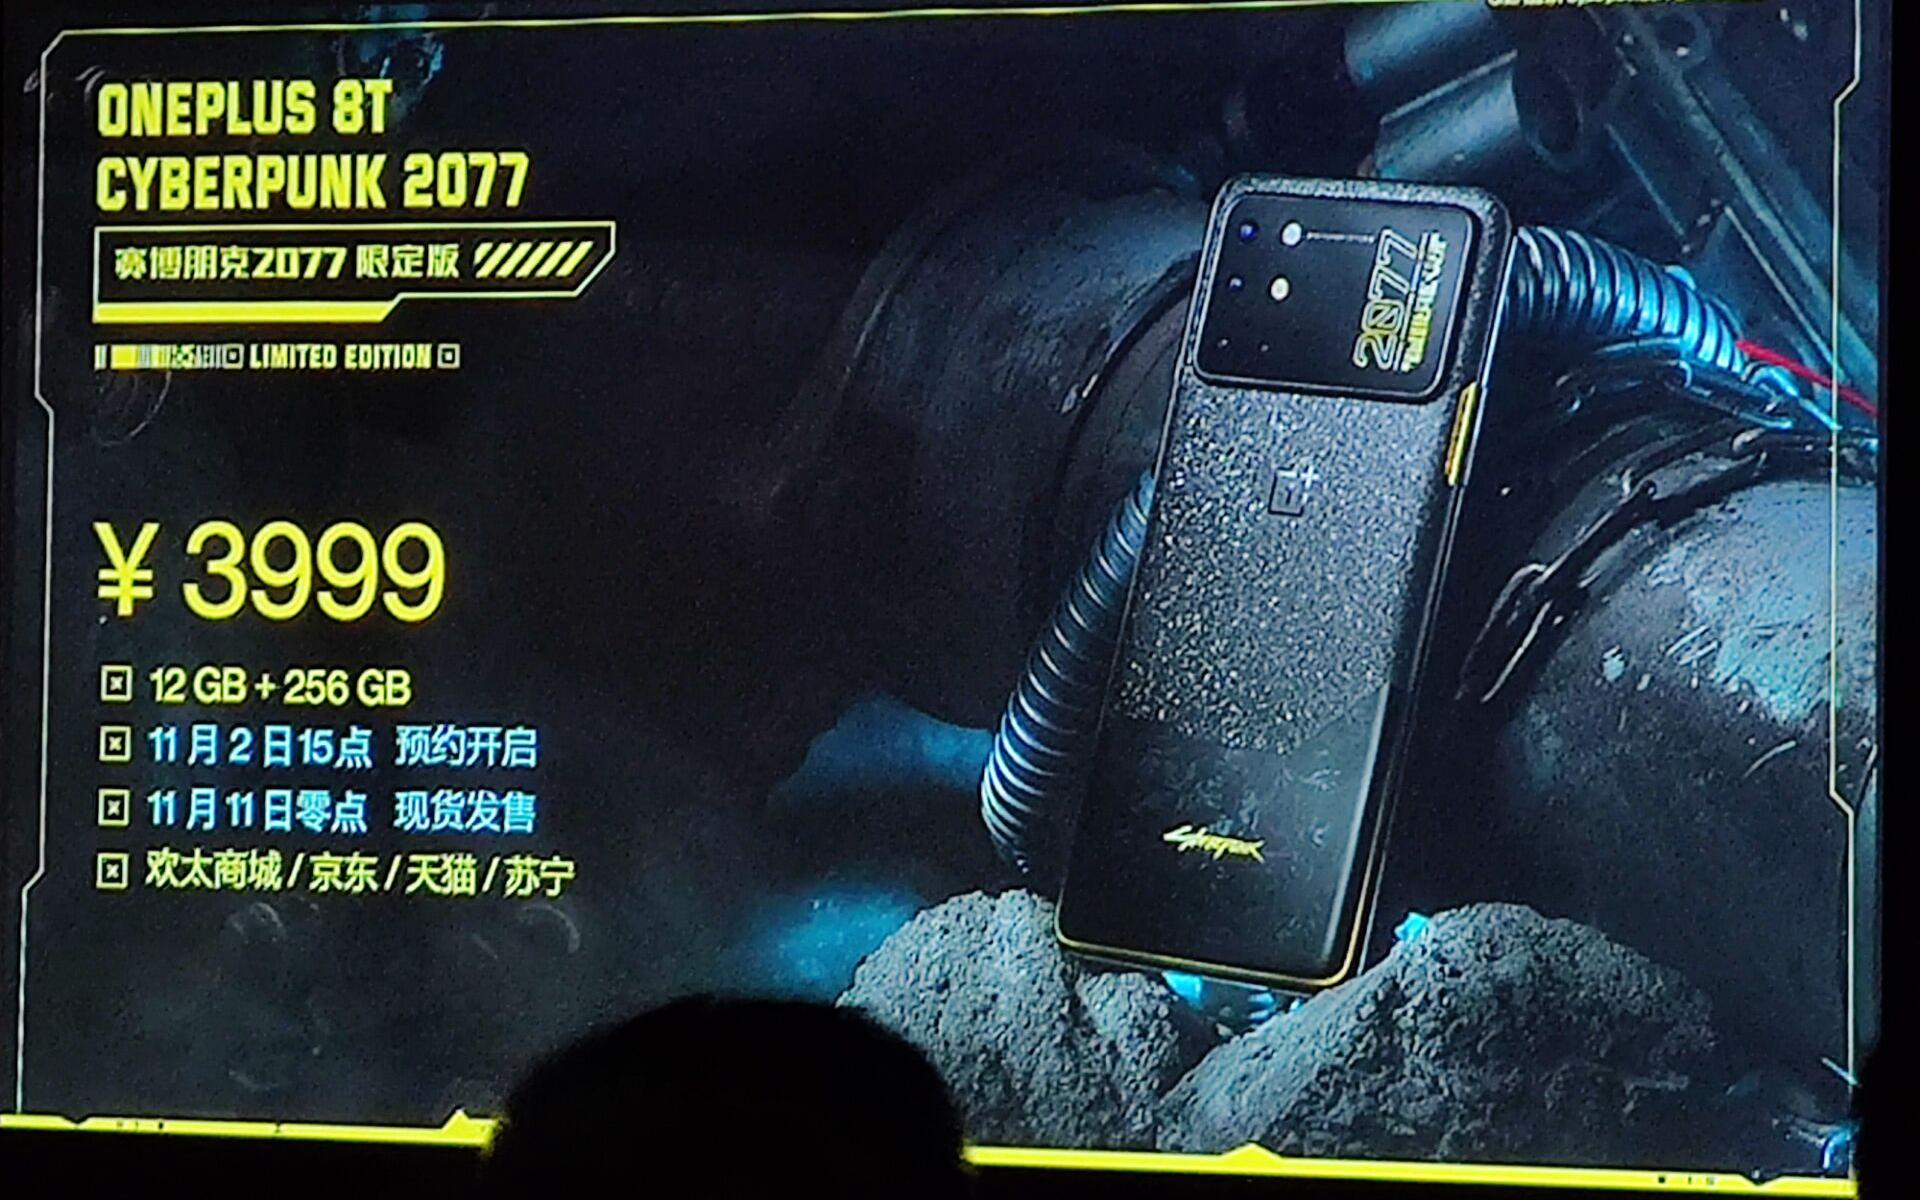 一加8T《赛博朋克2077》限定版手机11月11日发售